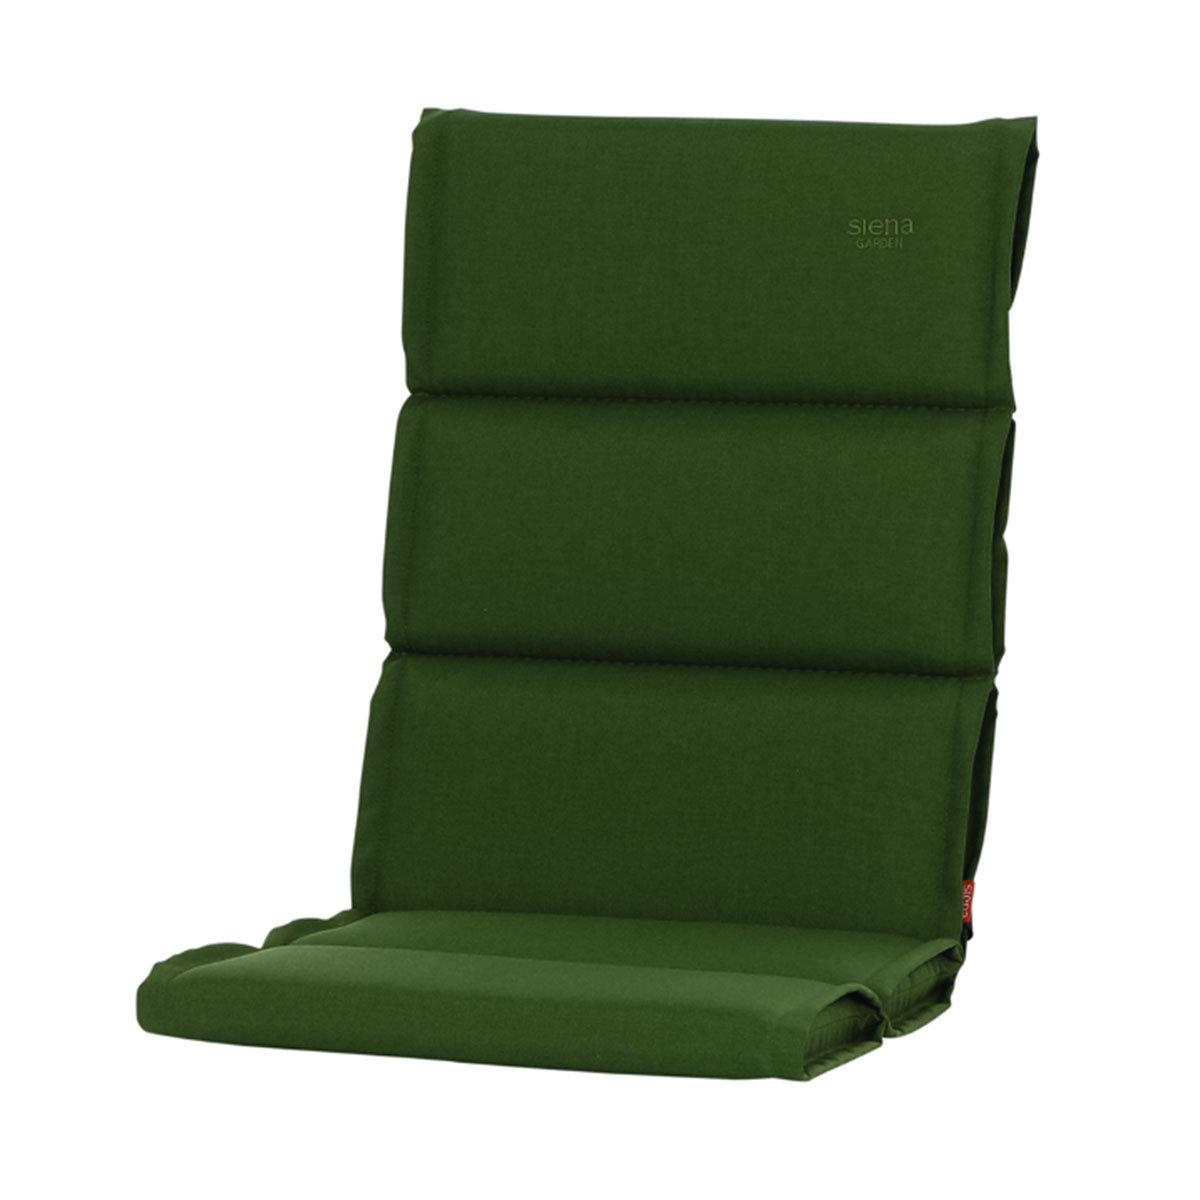 Gartenstuhl-Auflage Stella, grün